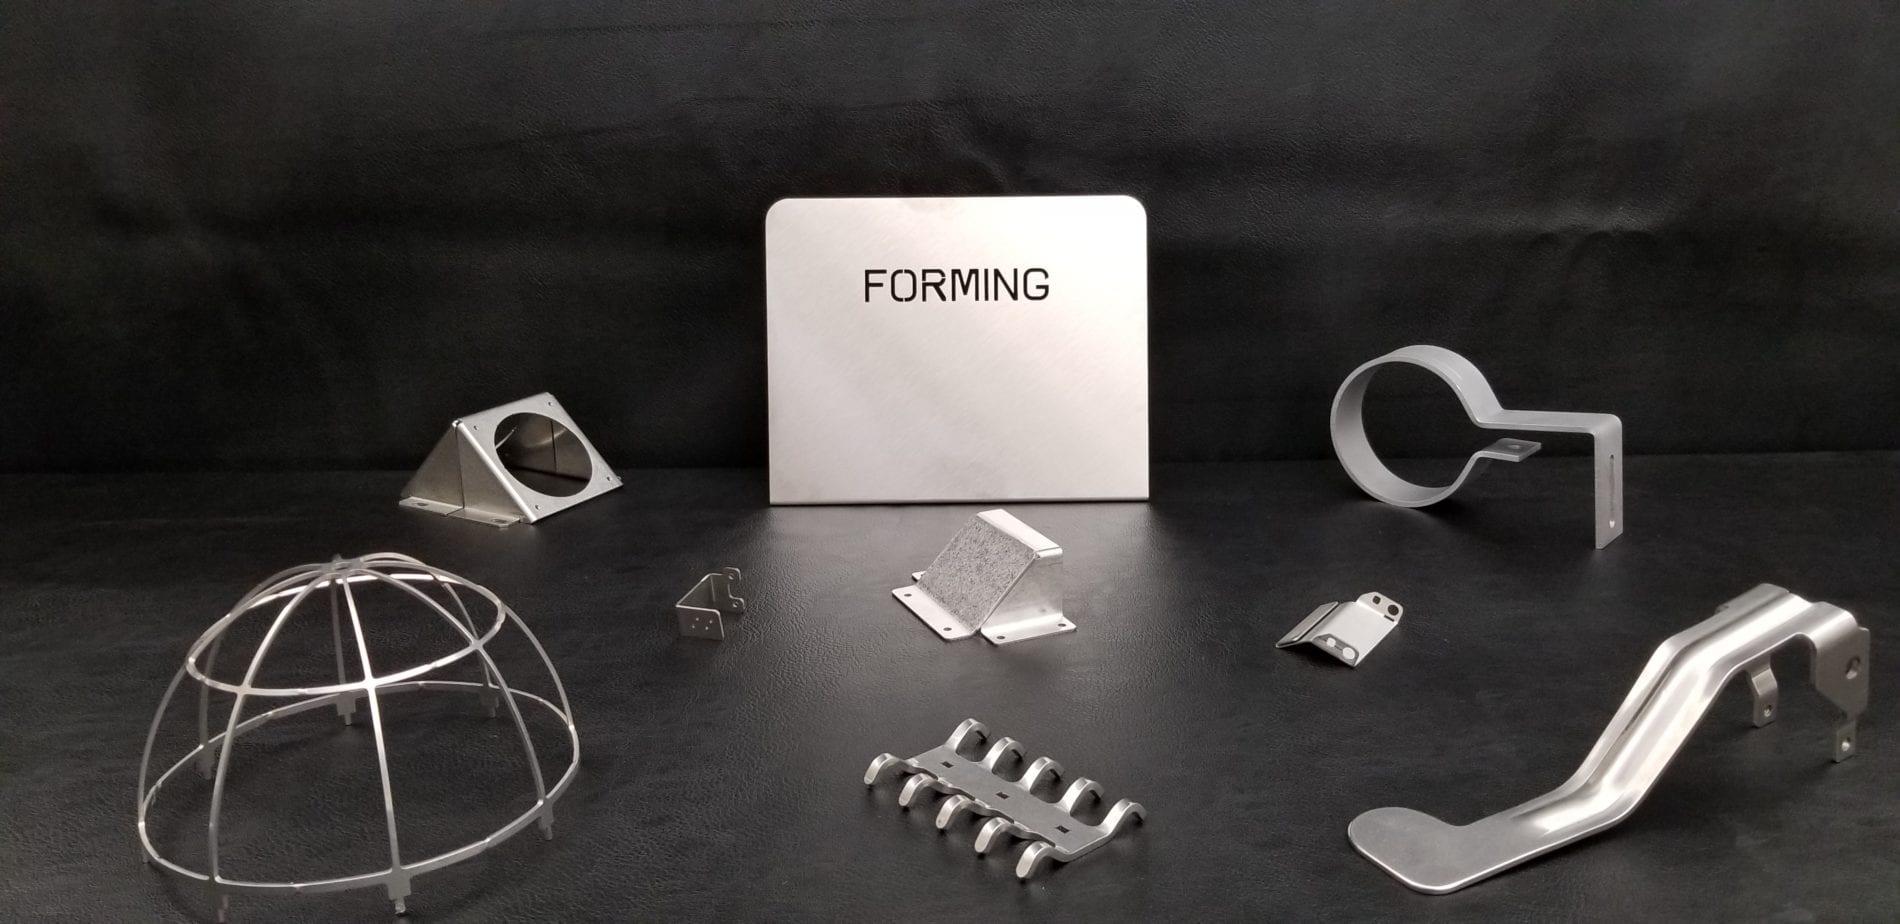 Metal Forming, Metal Stamping, Metal Bending